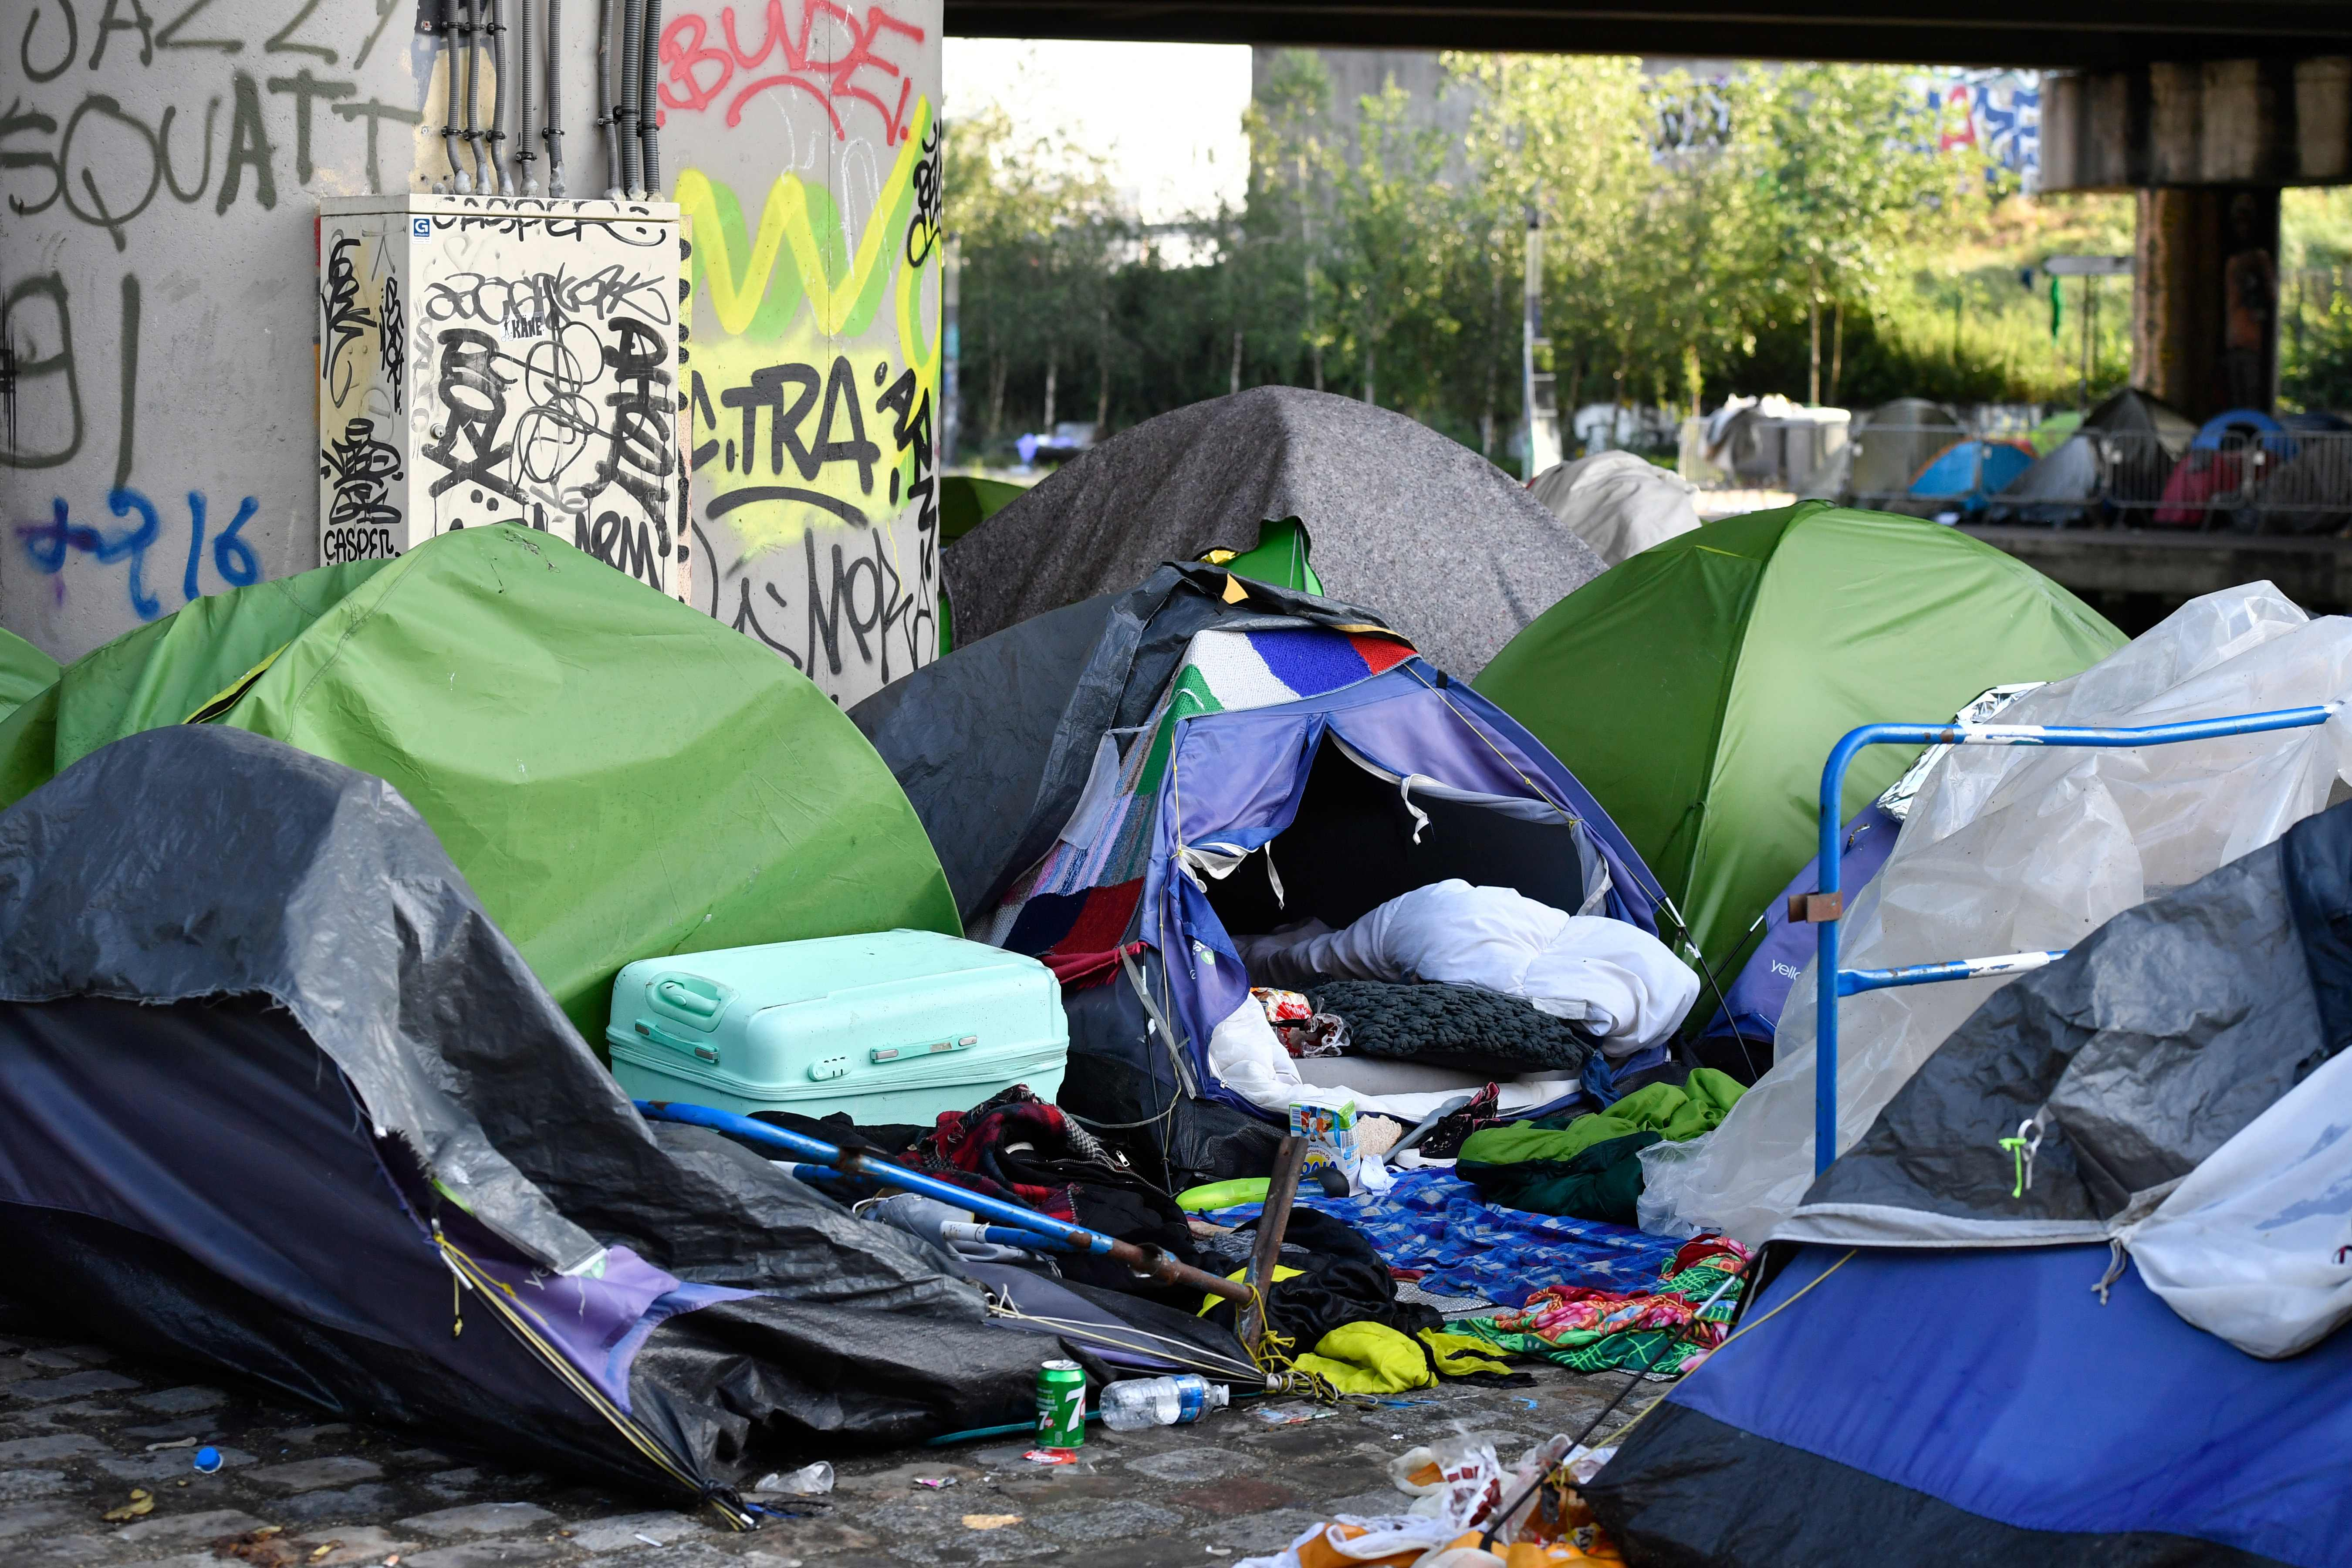 خيام المهاجرين فى باريس خاوية بعد اخراج قاطنيها